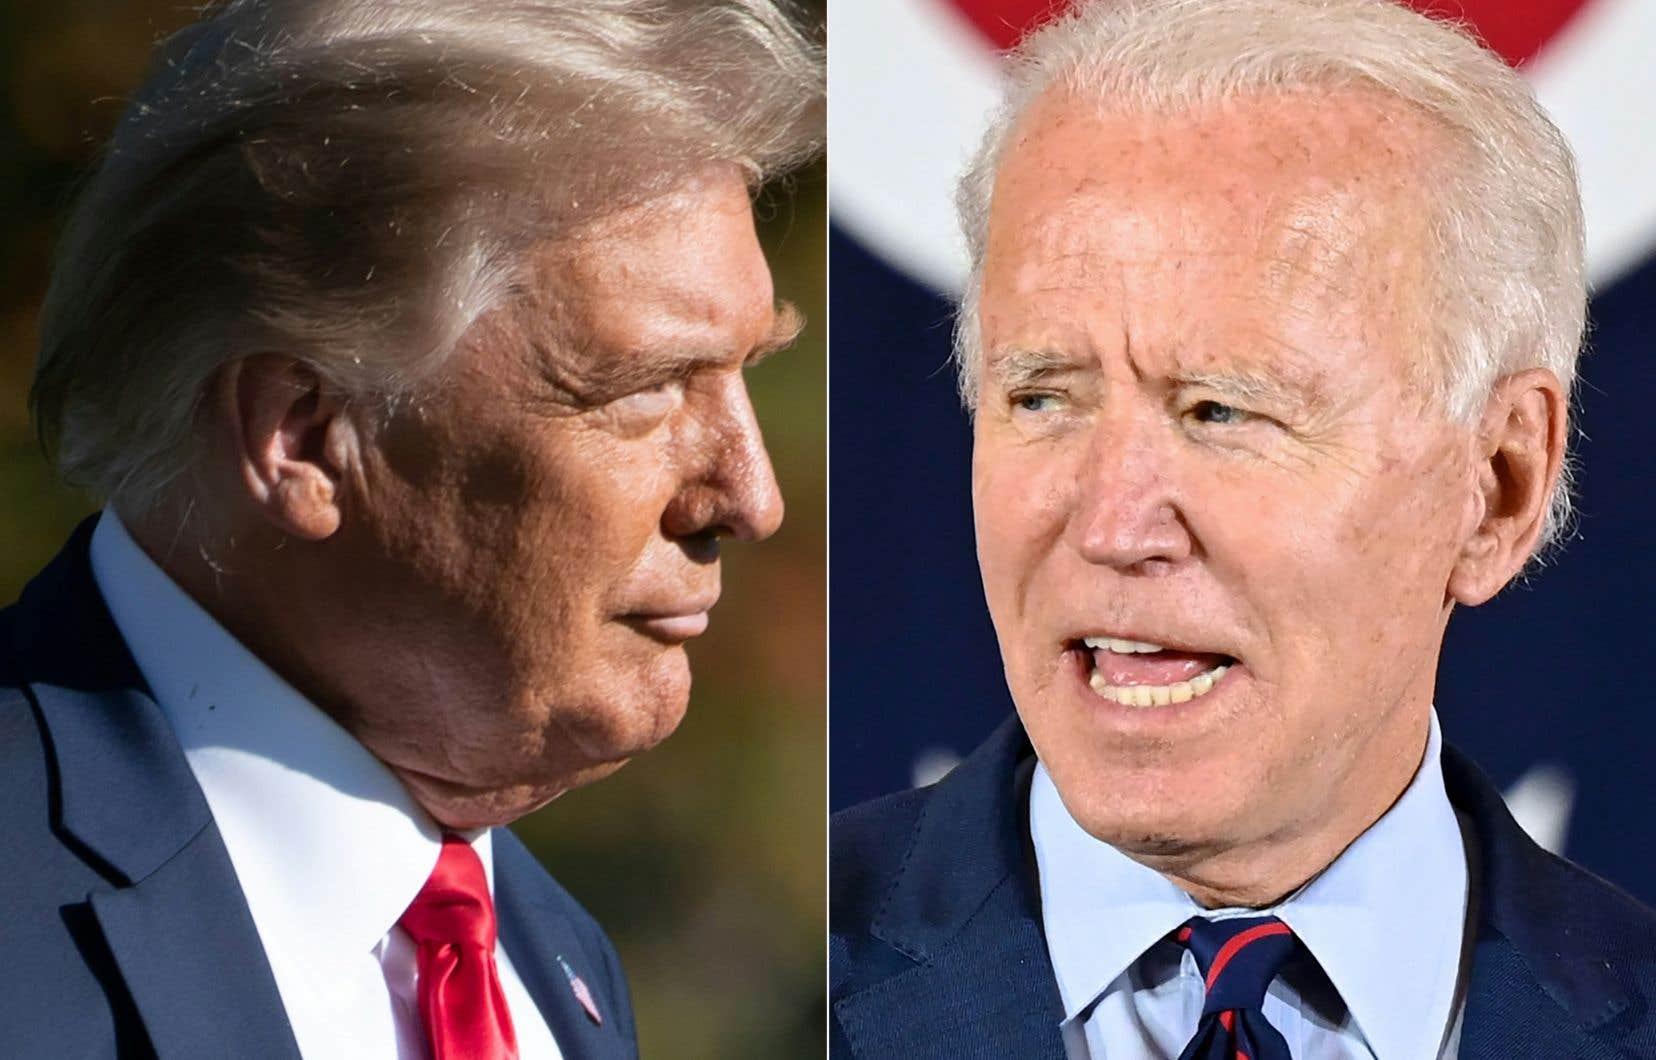 À 16 jours de l'élection du 3novembre, Joe Biden devance Donald Trump de neuf points au niveau national, selon la moyenne des sondages du site RealClearPolitics.